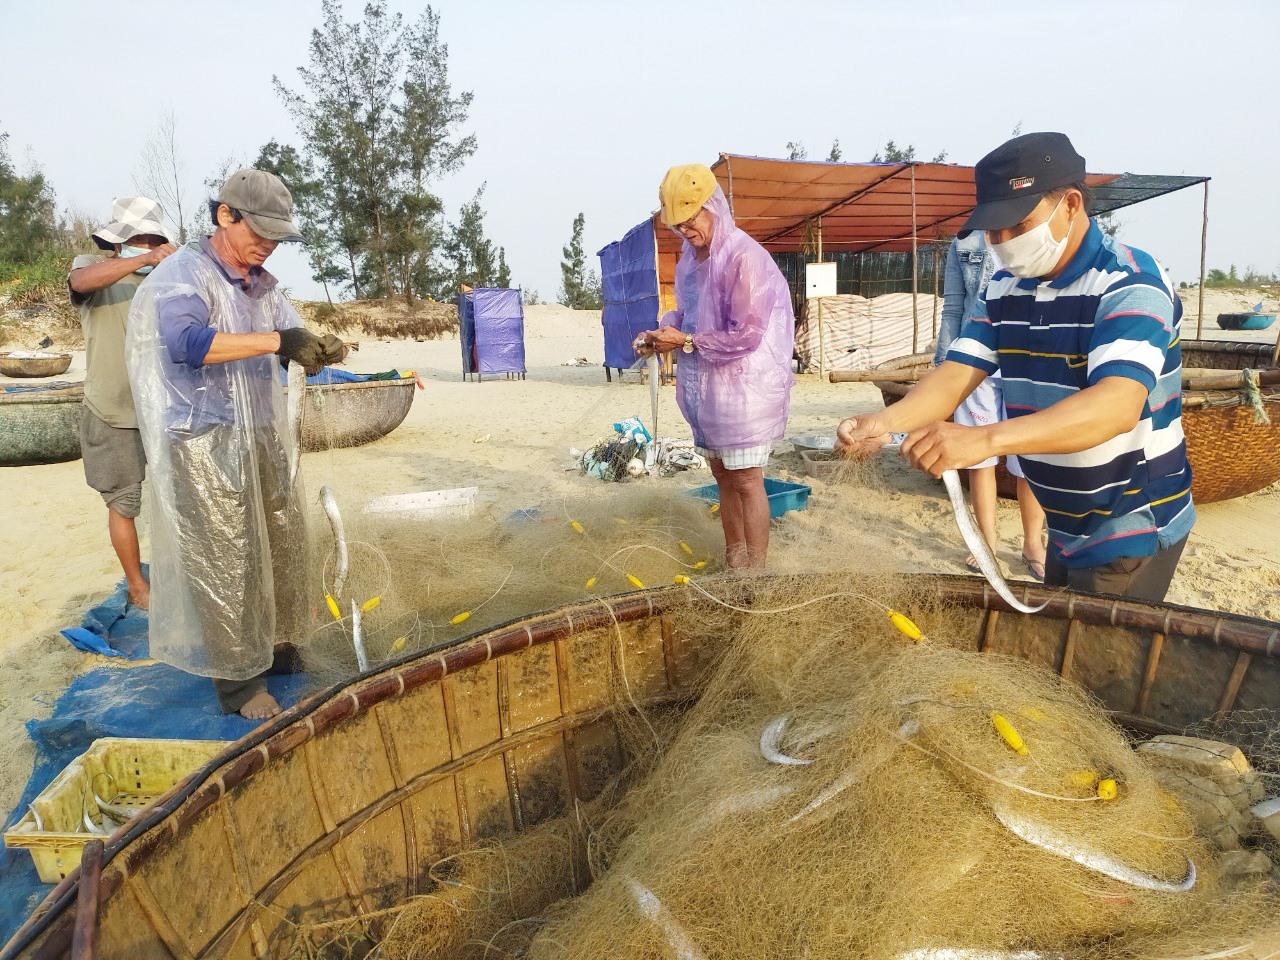 Người dân ven biển Duy Xuyên tranh thủ khai thác hải sản gần bờ trước khi mùa mưa bão đến. Ảnh: Q.T